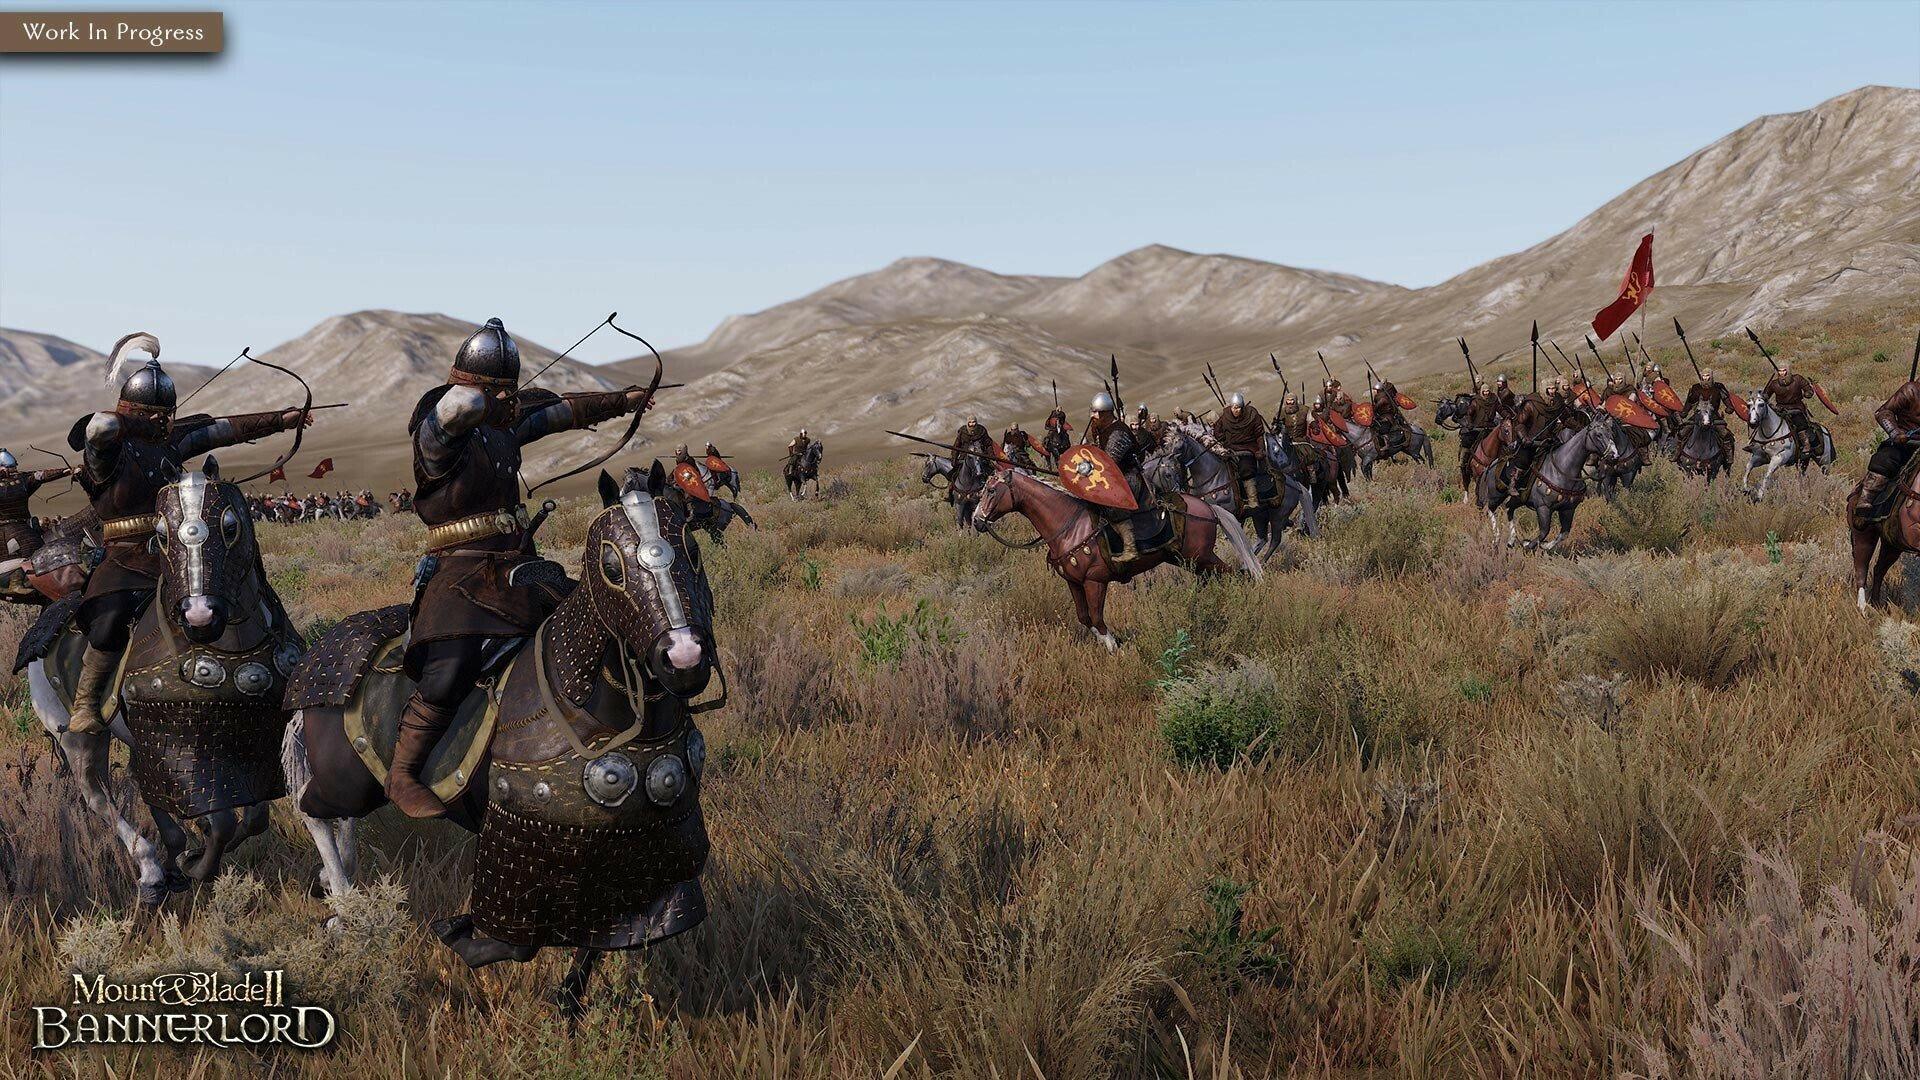 Скриншот к игре Mount & Blade II: Bannerlord v. 1.5.9.267611 (Early access) скачать торрент Лицензия